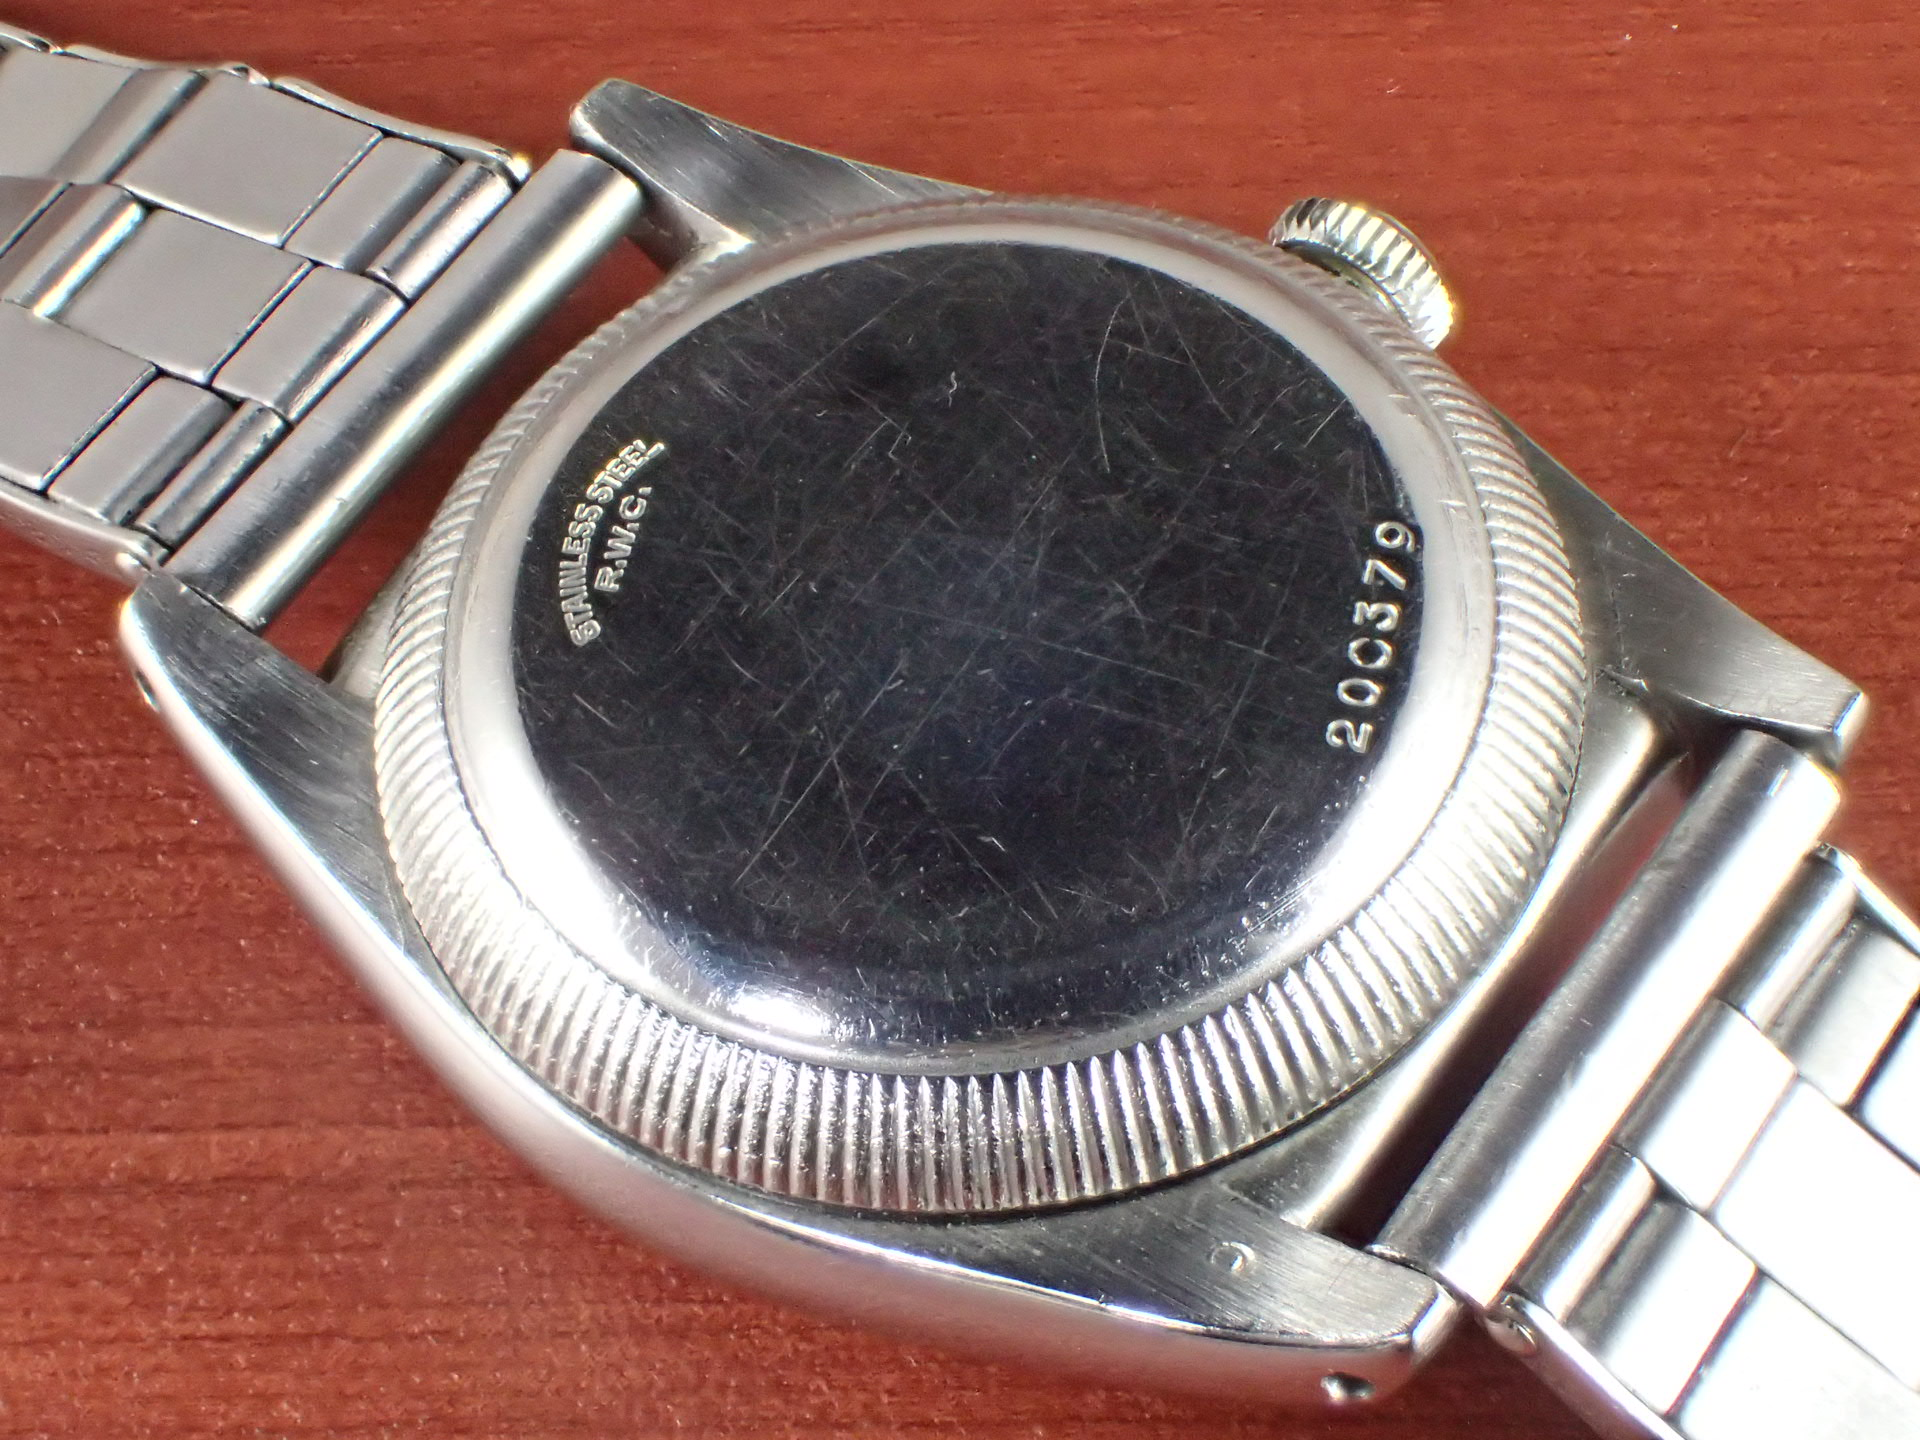 ロレックス バブルバック Ref.2940 セクターダイアル GFブレス付き 1940年代の写真4枚目